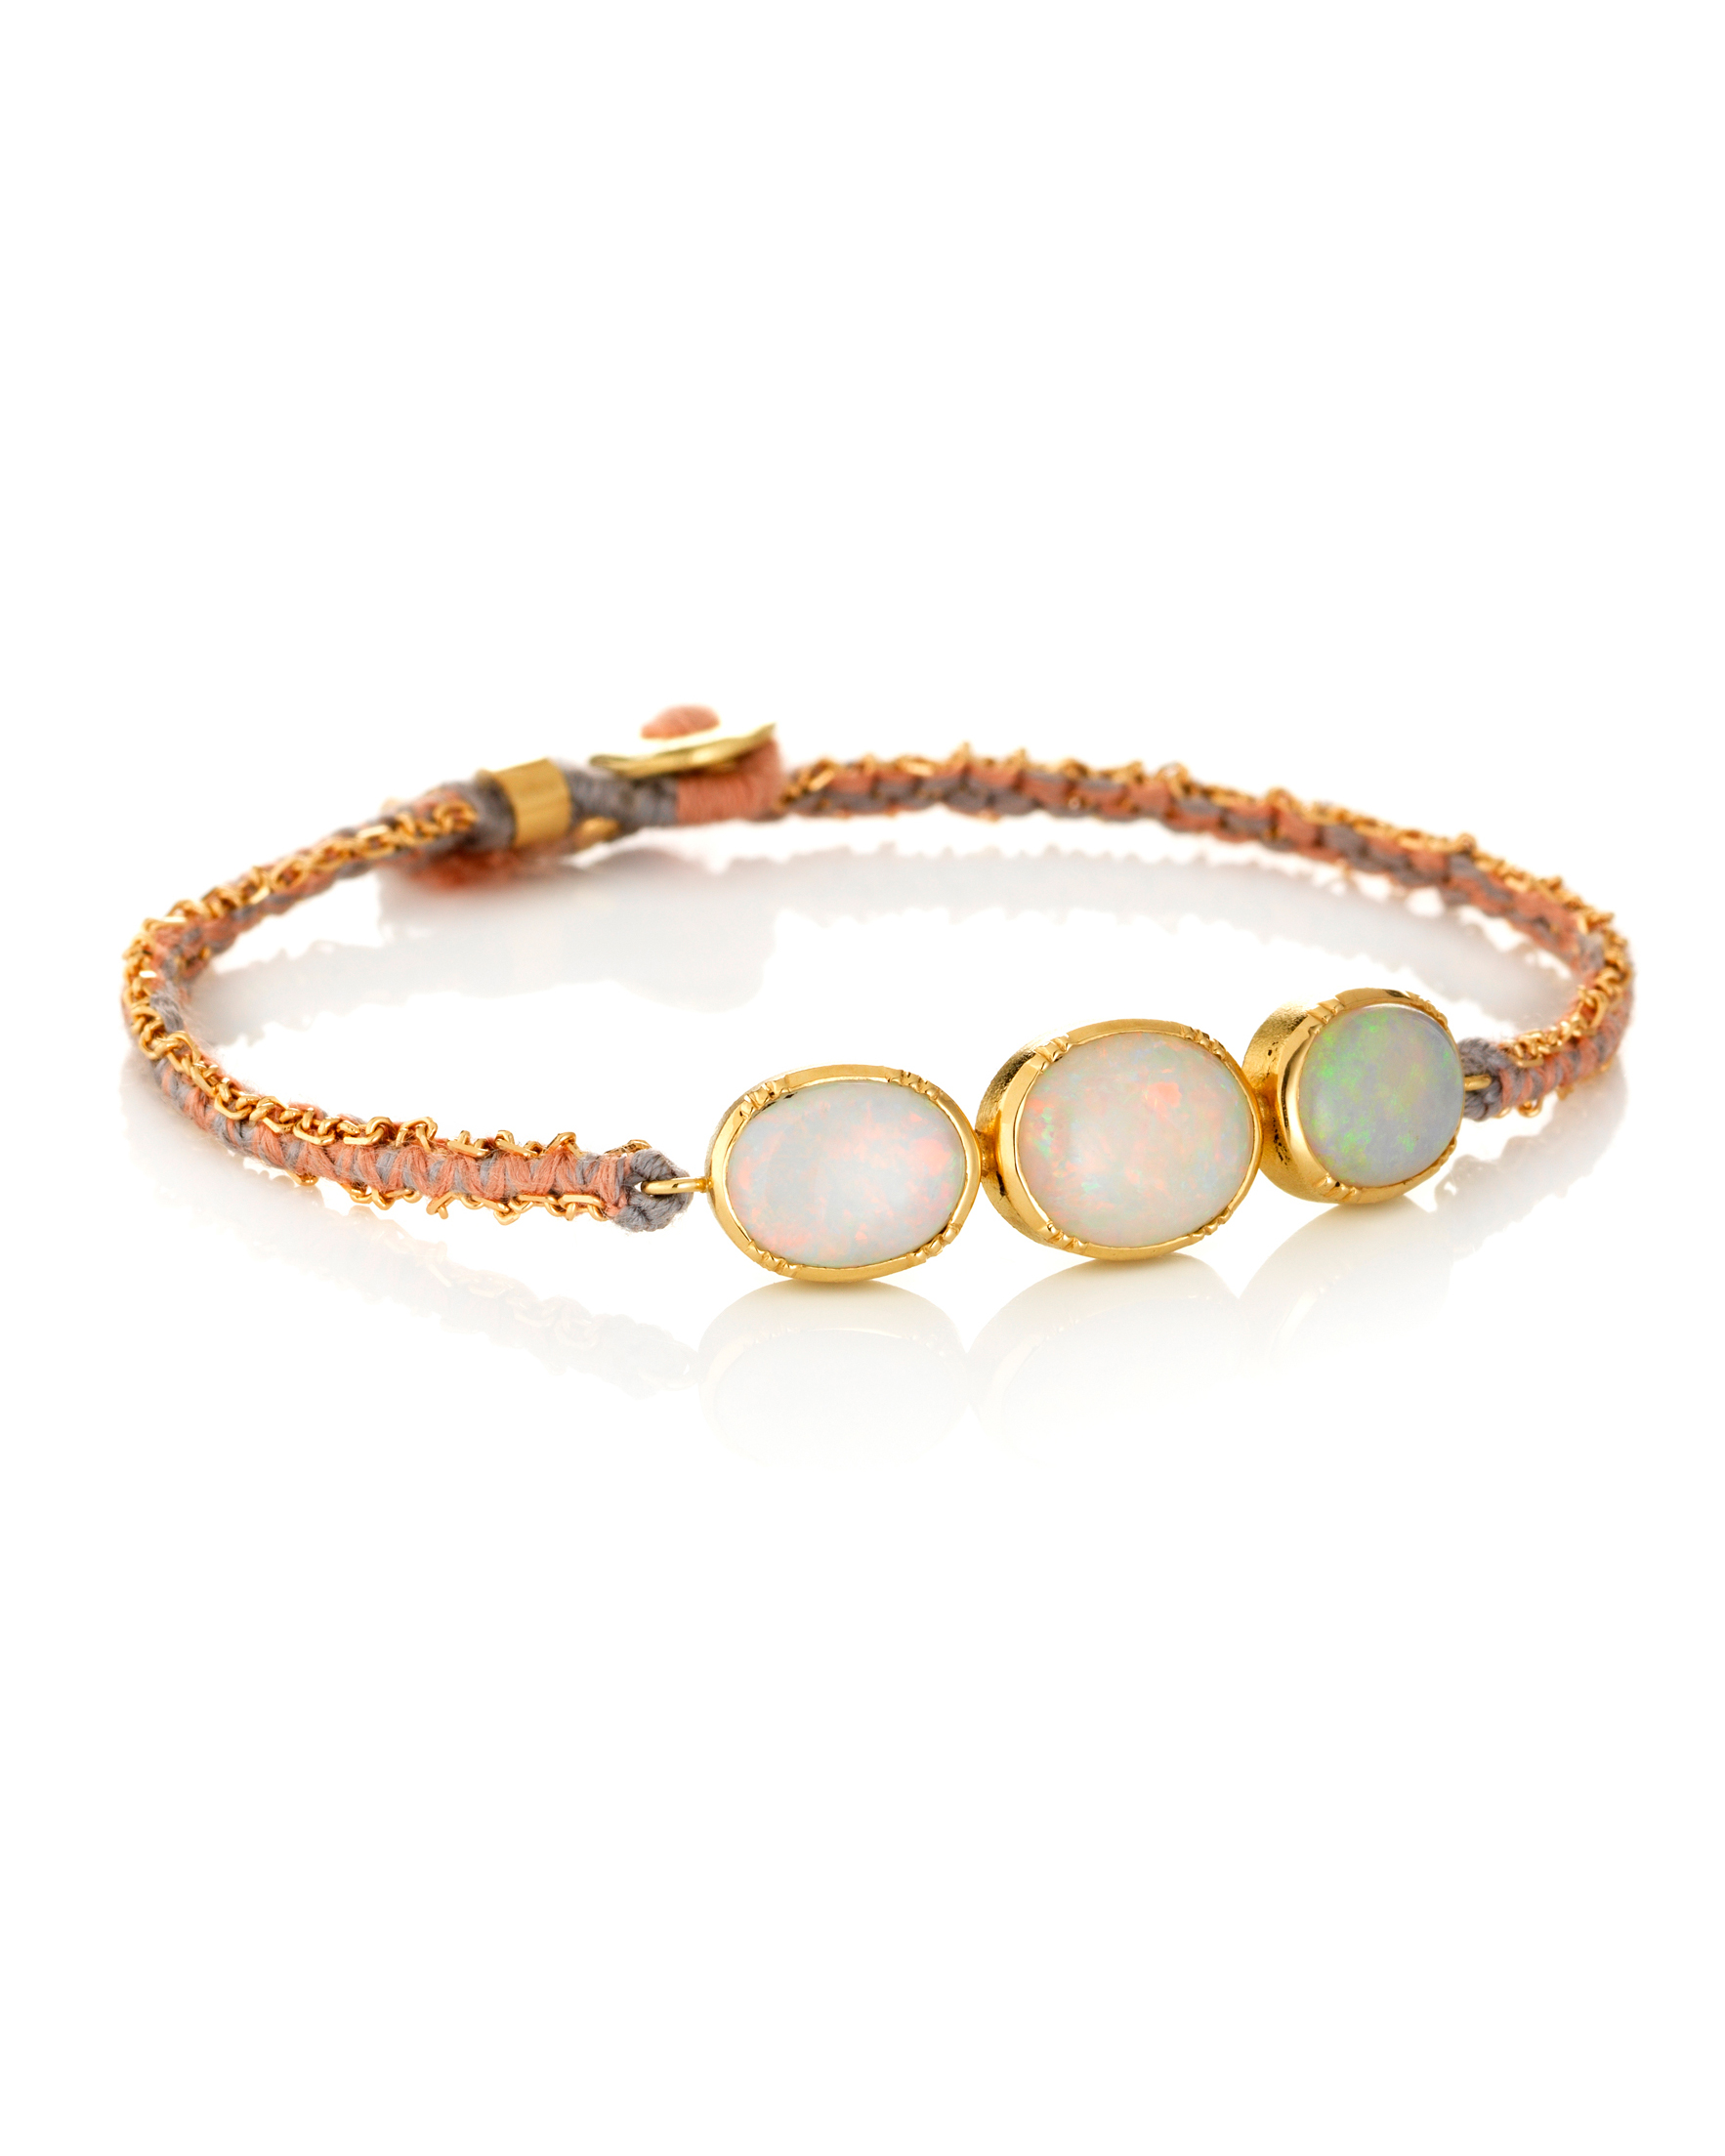 opal-bracelet-brooke-gregson-0115.jpg